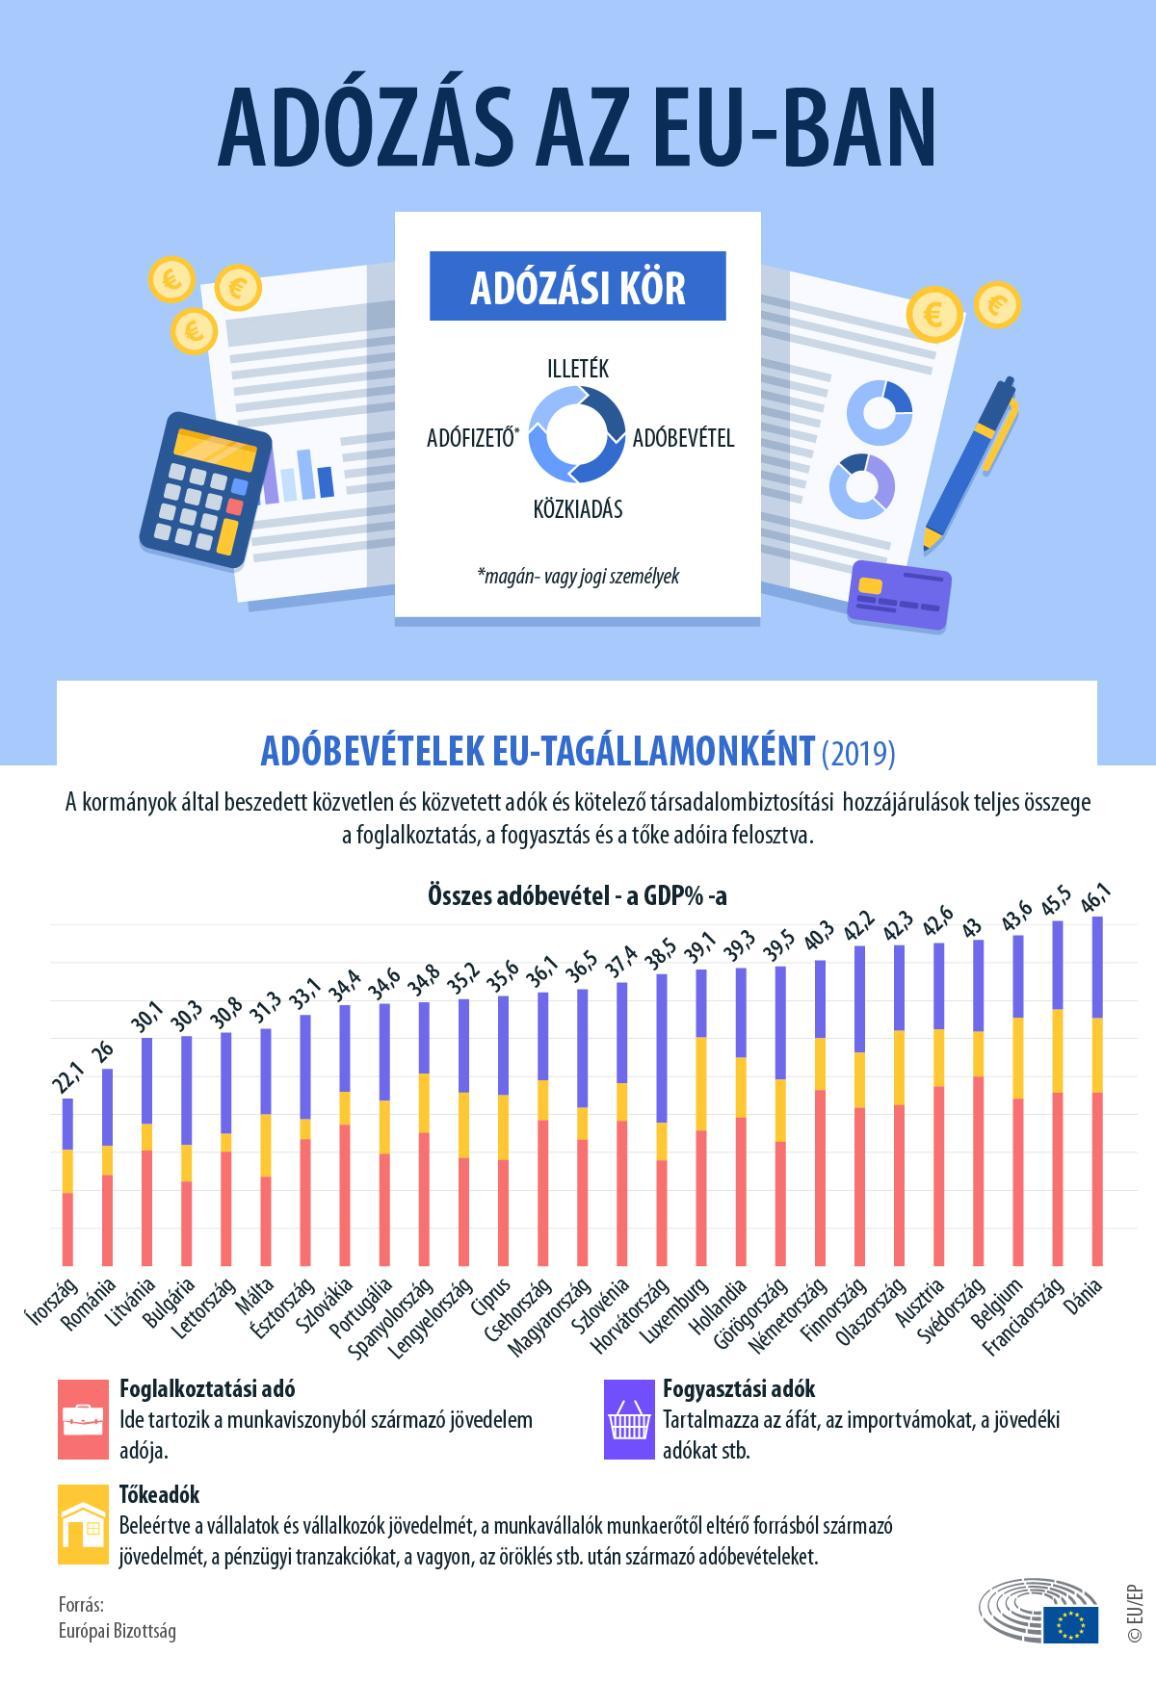 Adóbevételek EU-tagállamonként, infografika.